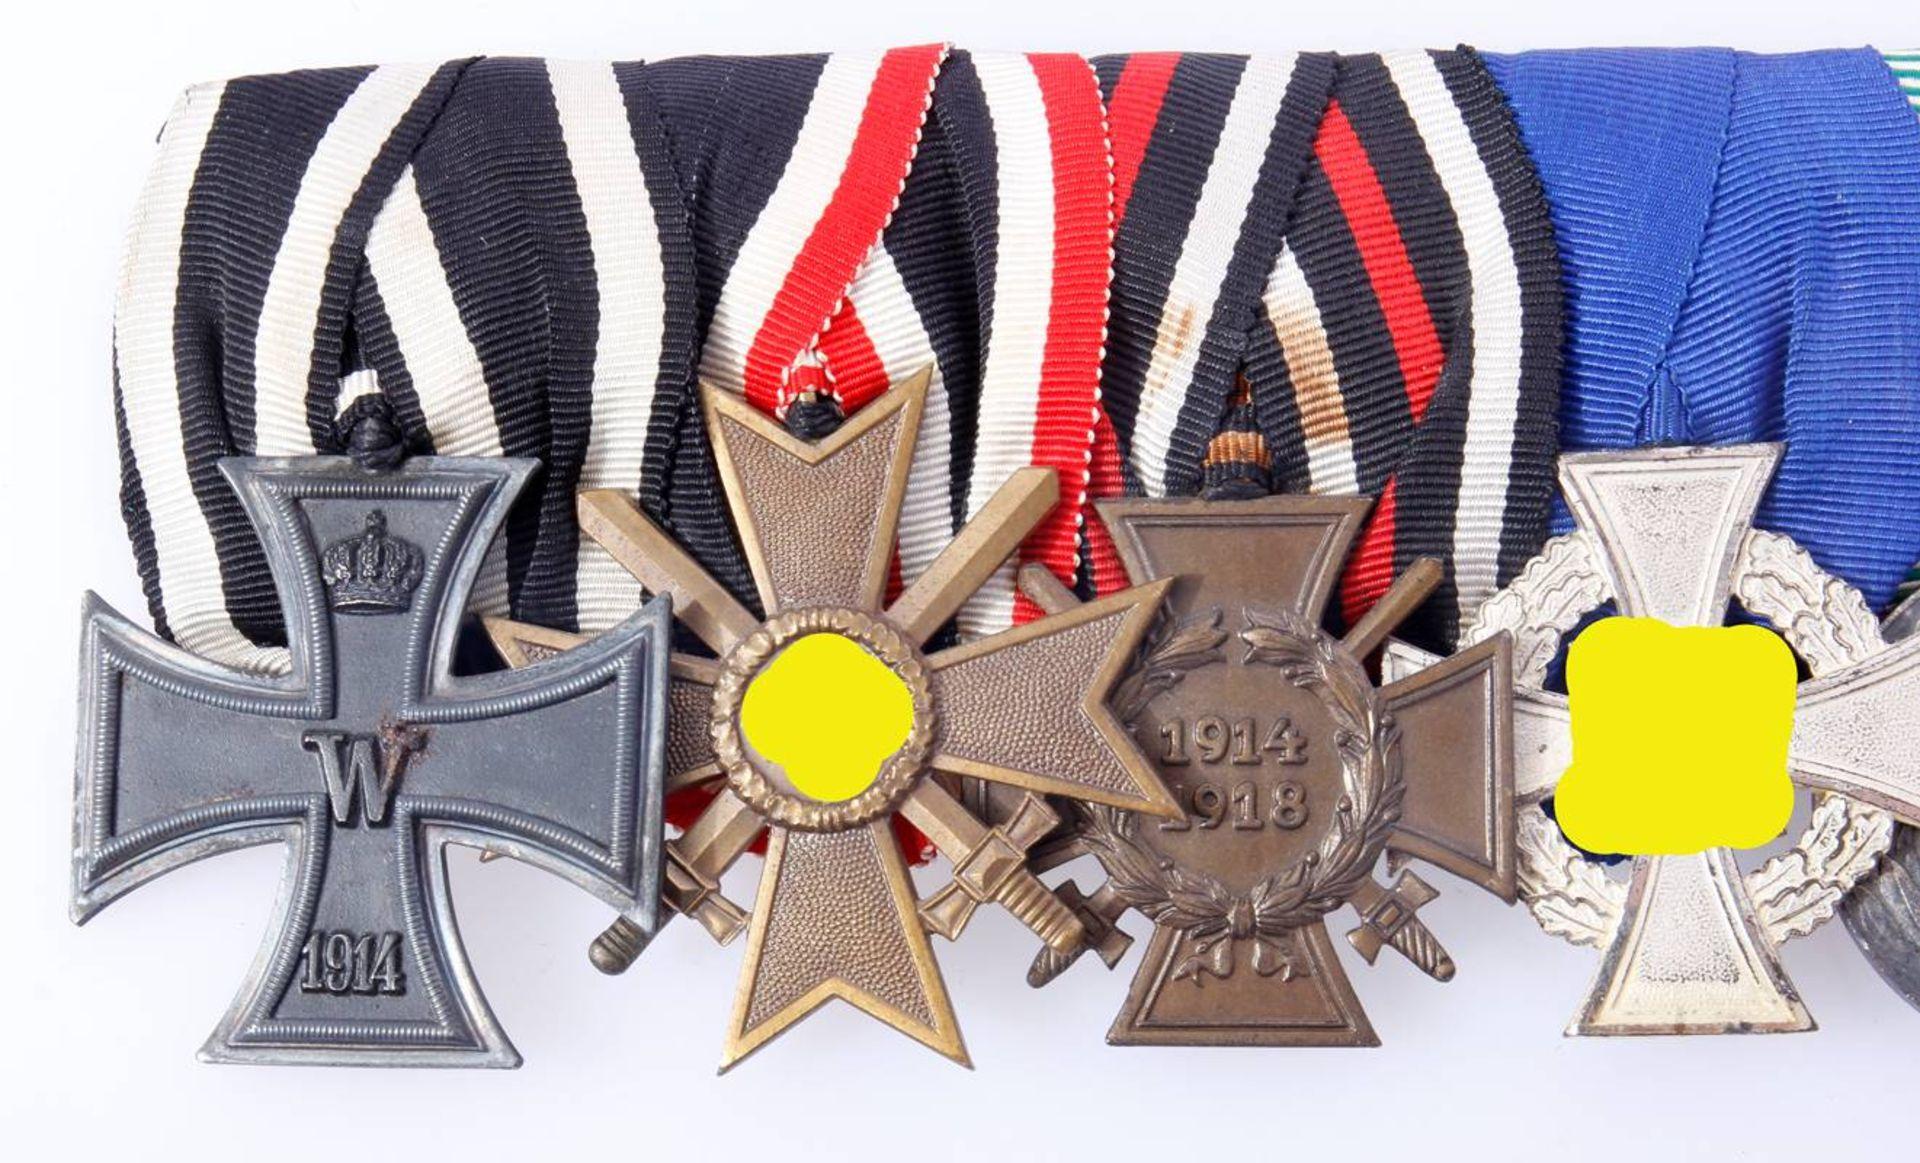 Ordensschnalle mit 6 Auszeichnungen WK 1 und WK 2Eisernes Kreuz 2.Klasse 1914, - Bild 4 aus 4